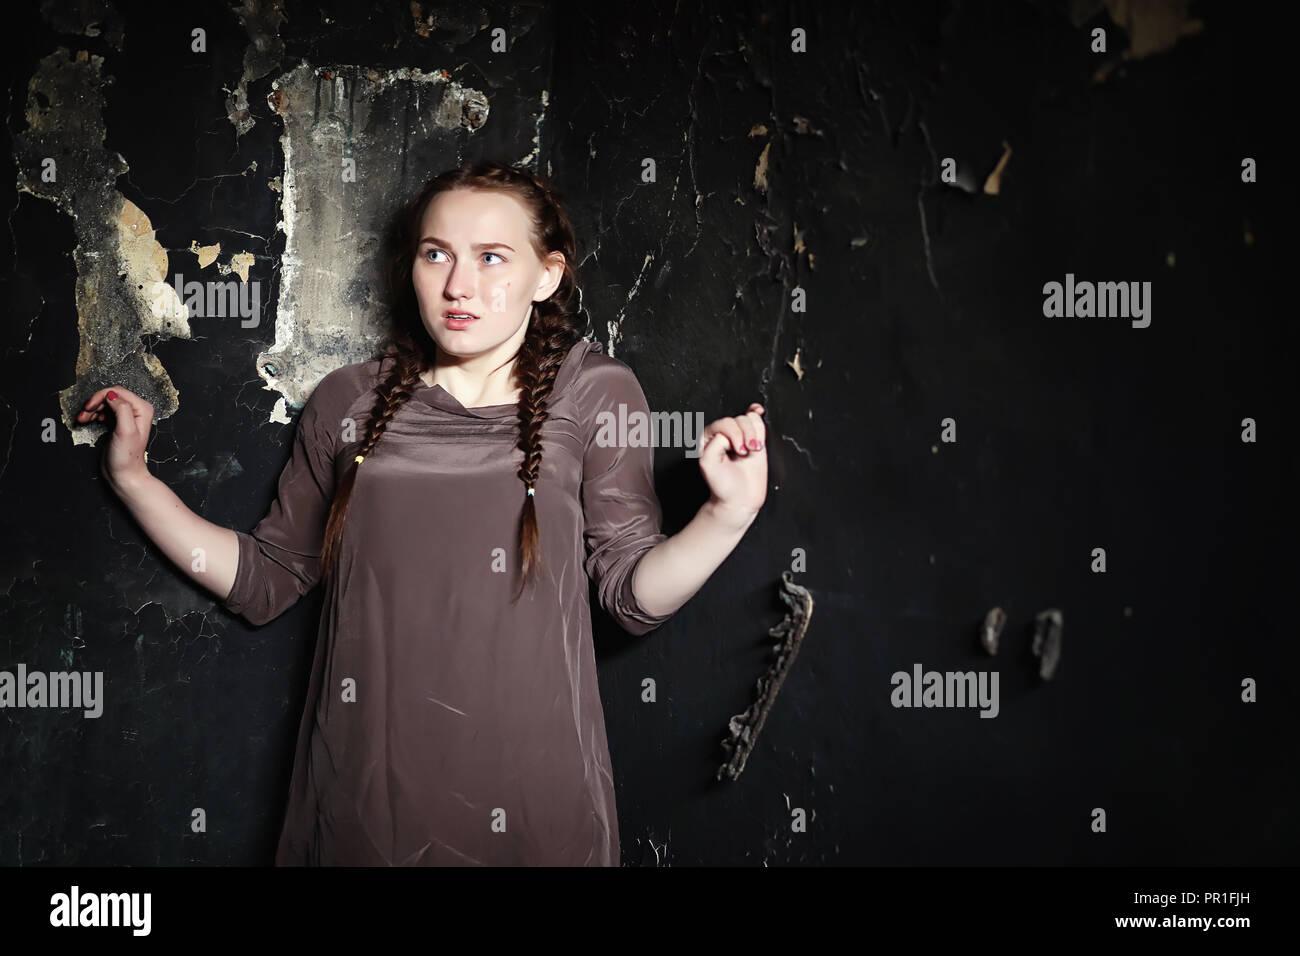 Porträt eines erschrockenen jungen hübschen Mädchen Stockfoto